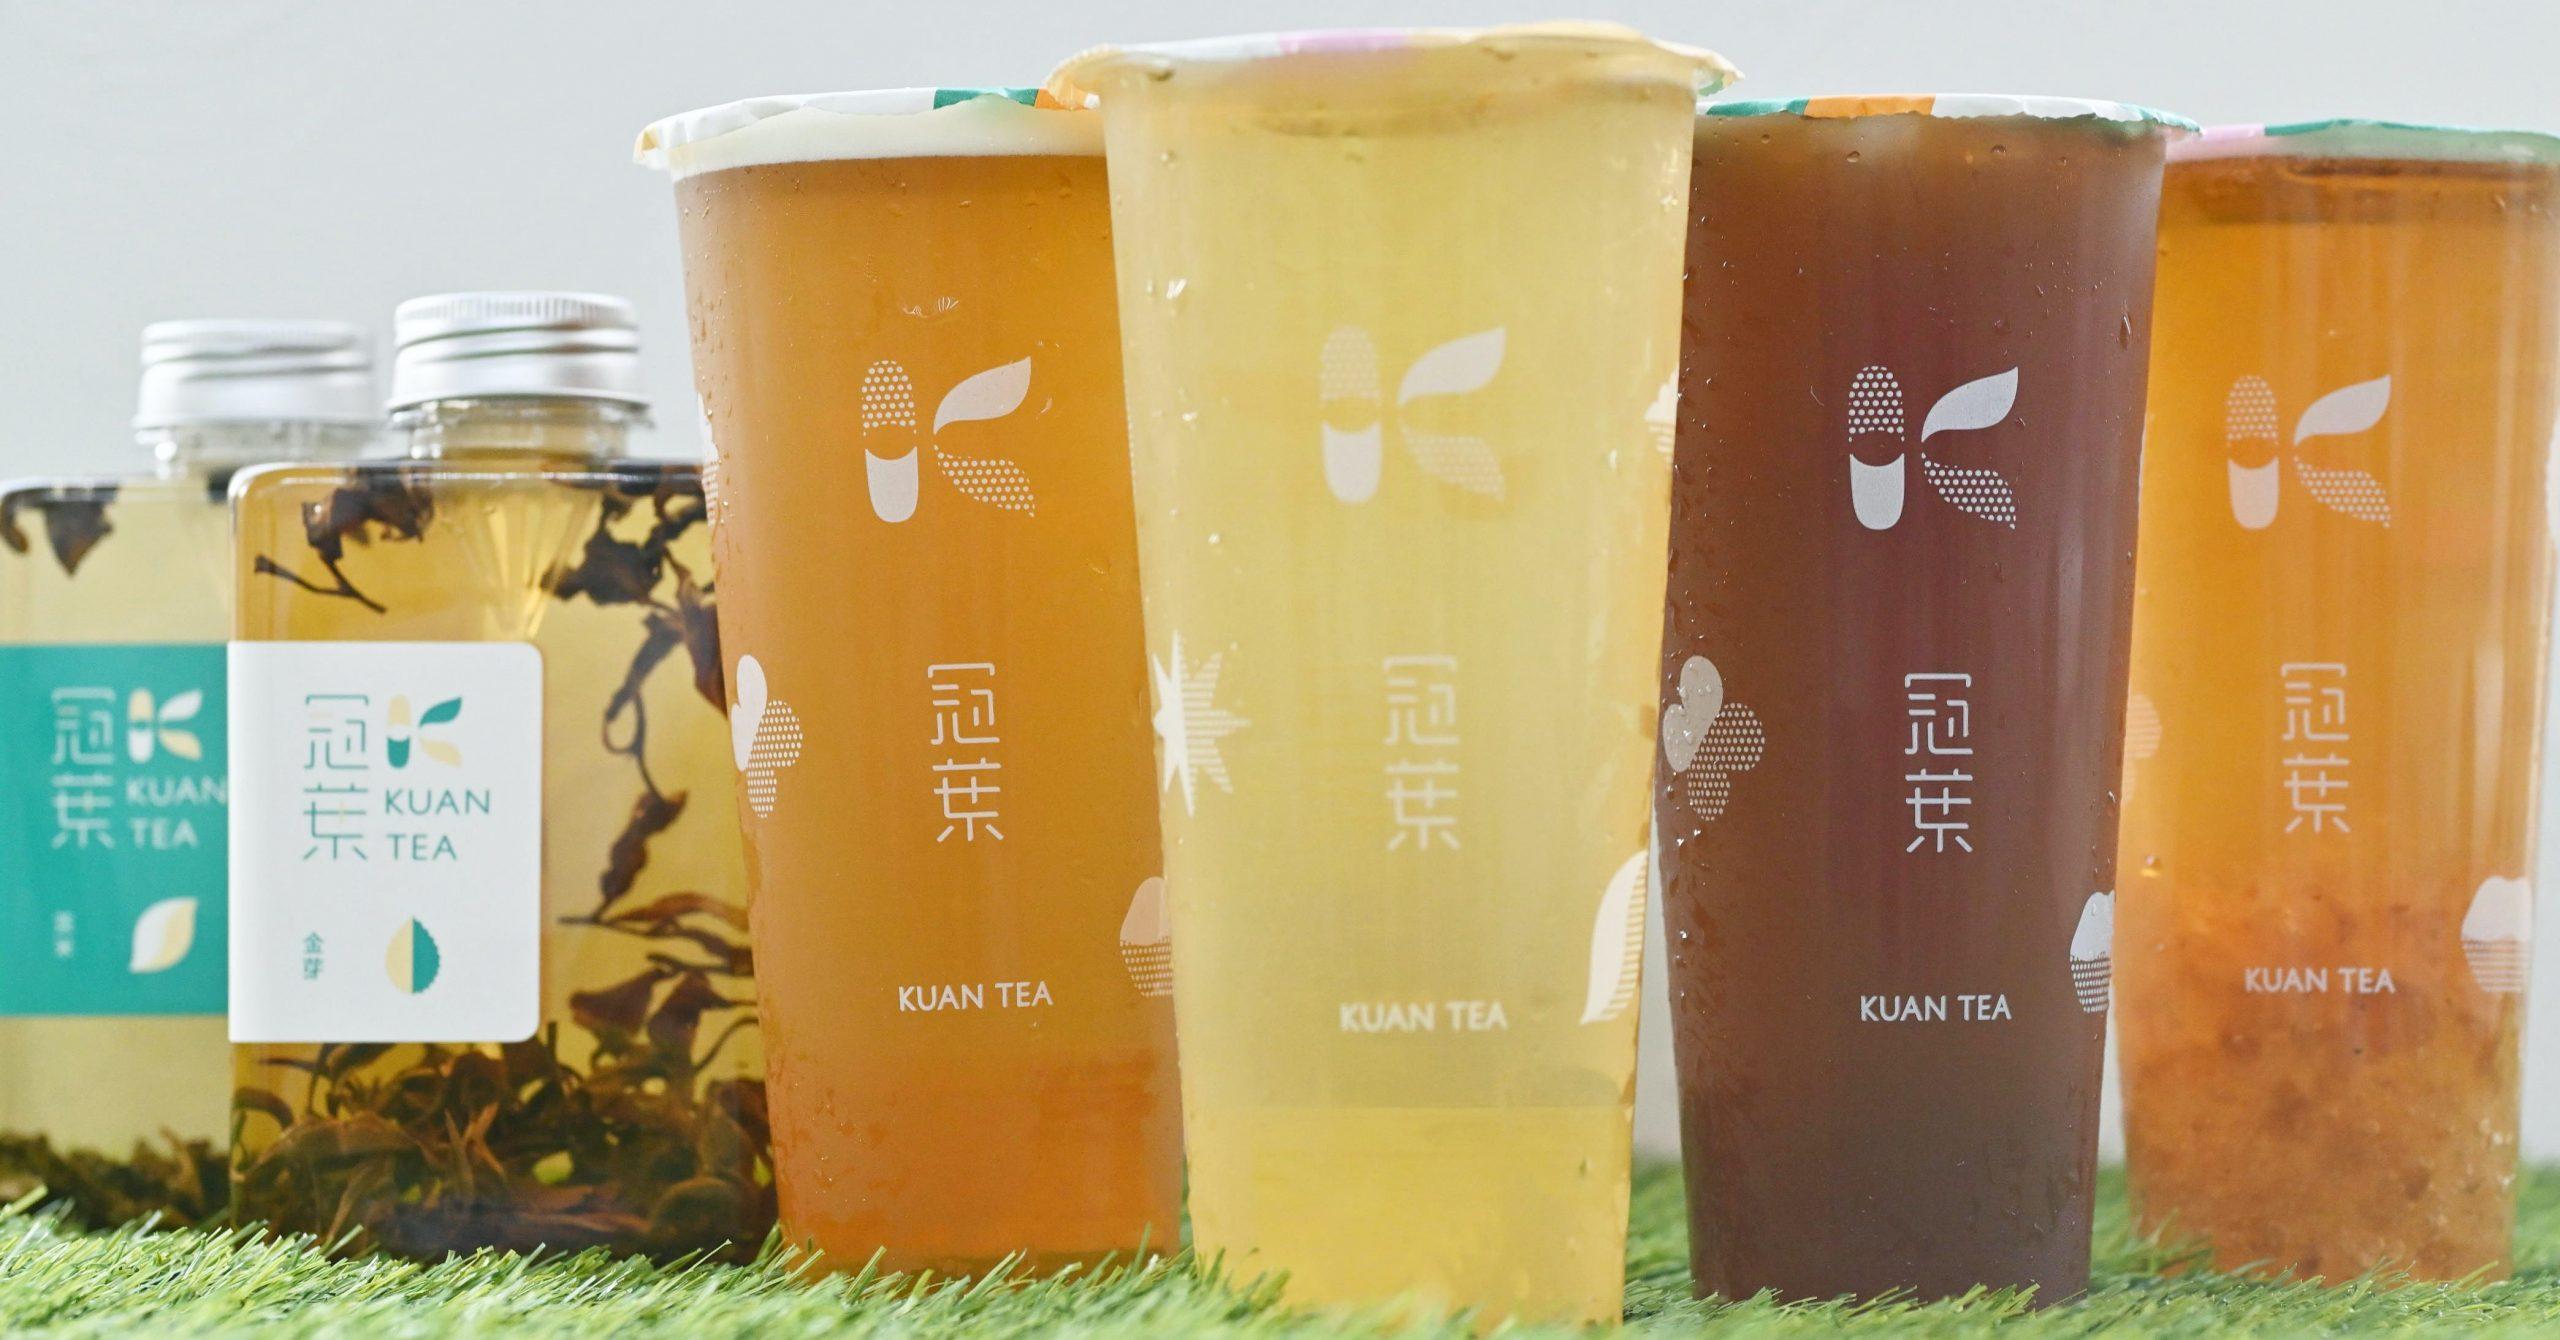 今日熱門文章:【飲料推薦】冠葉 Kuan Tea,太誇張!全使用台灣茶的手搖飲料 (菜單)